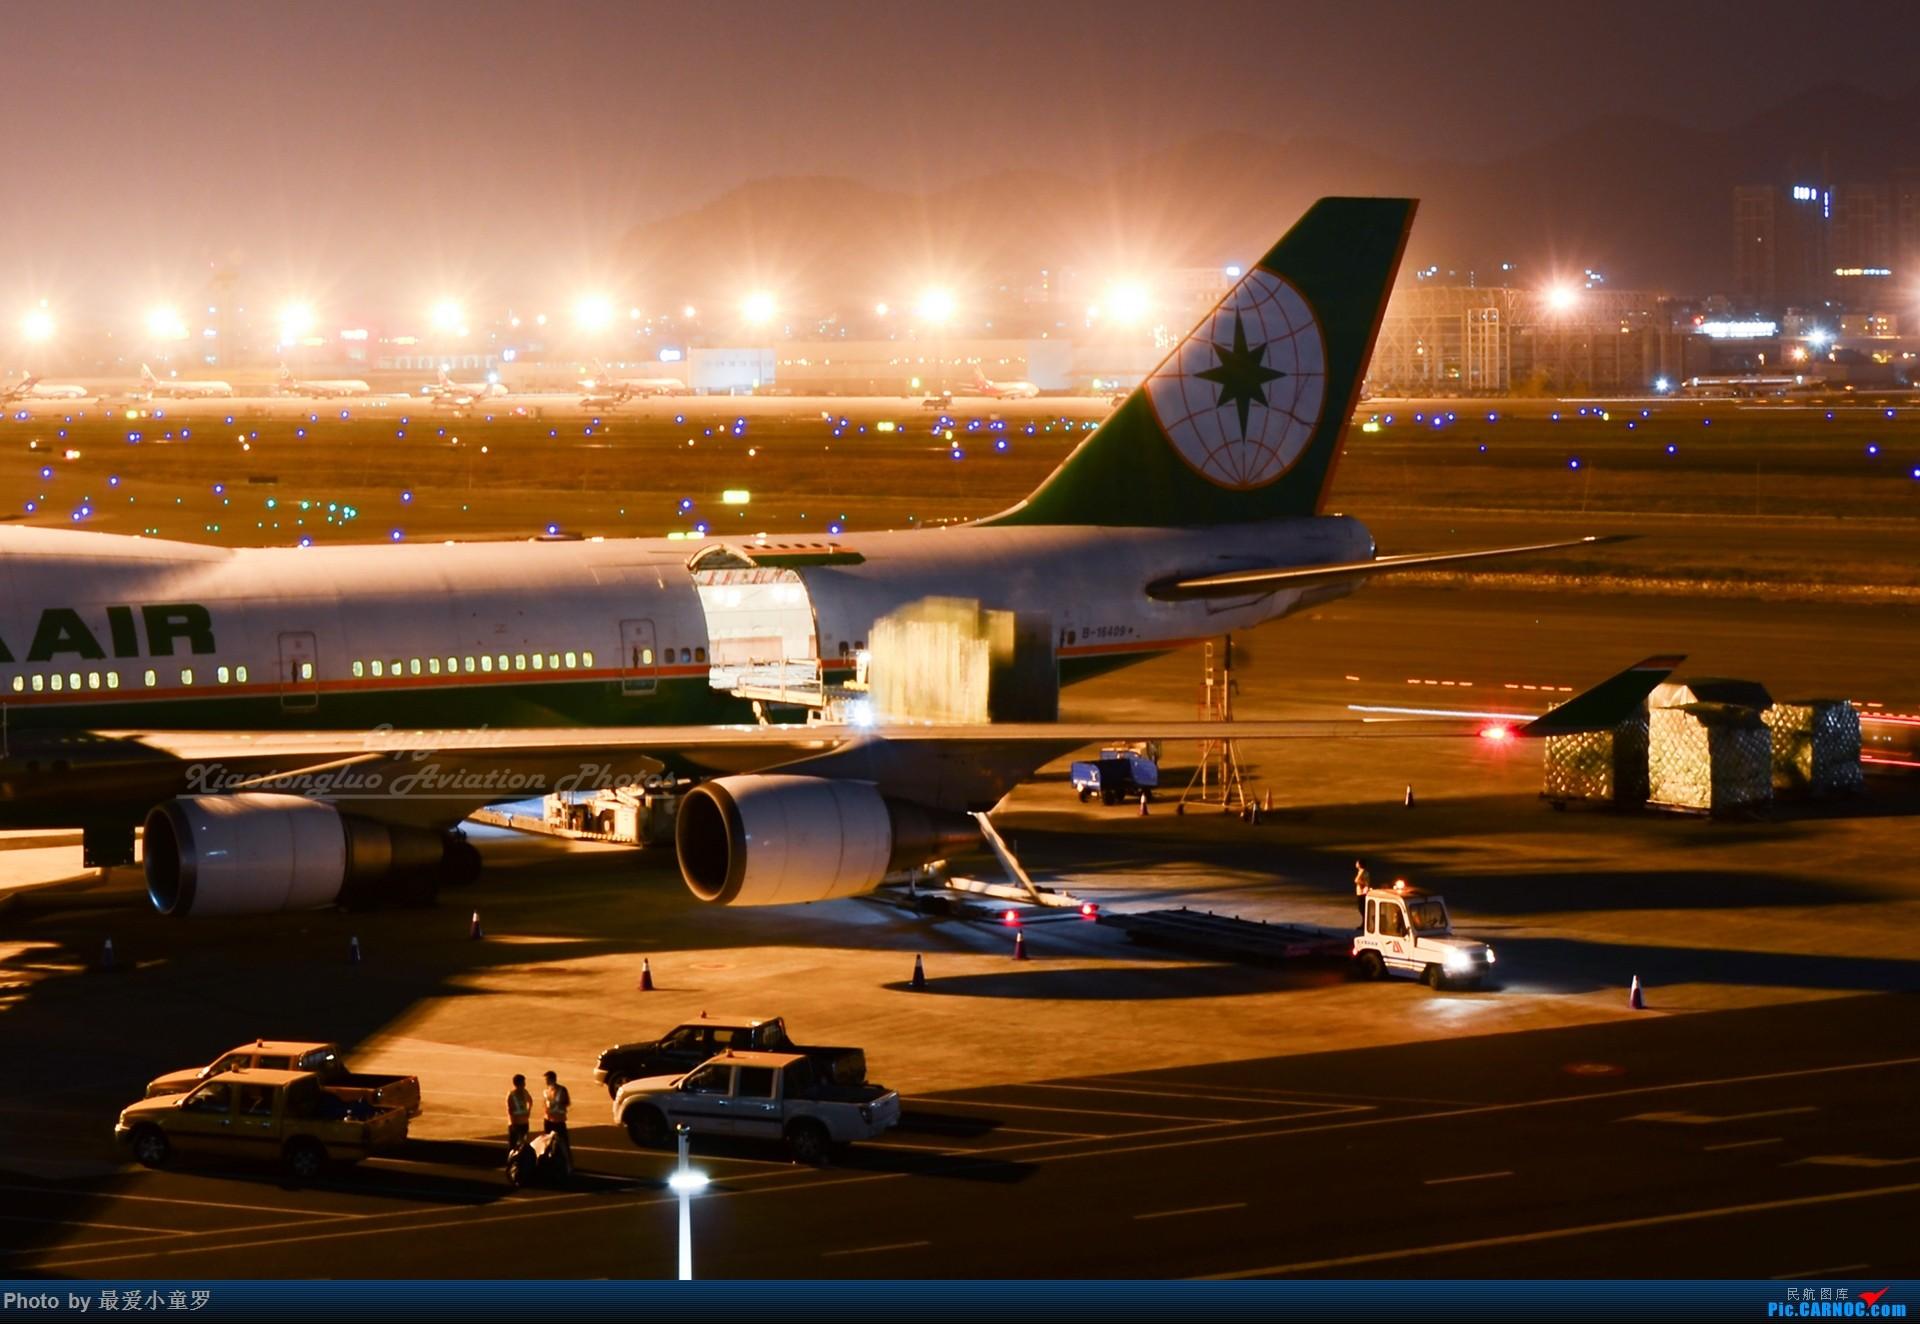 Re:[原创]2013-2018,系列组图纪念拍机5周年 BOEING 747-400 B-16409 中国深圳宝安国际机场